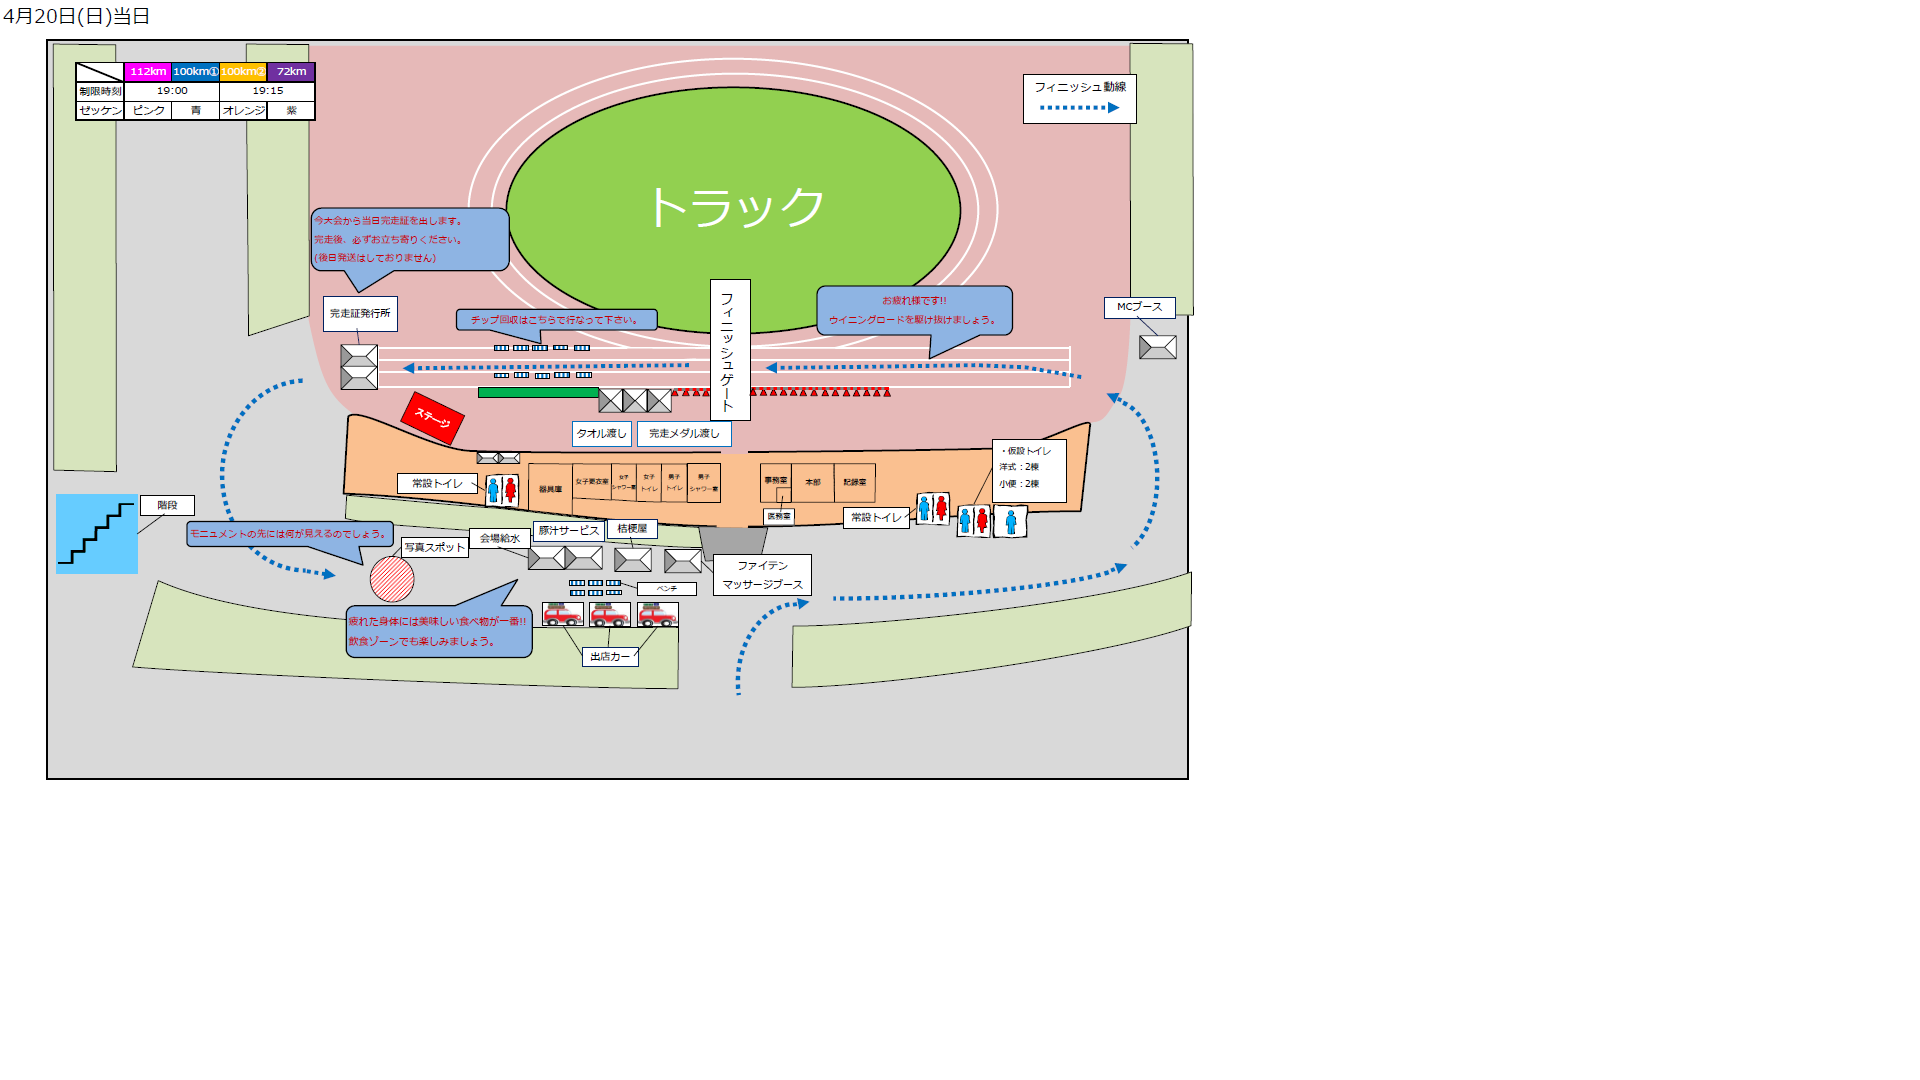 競技場案内図